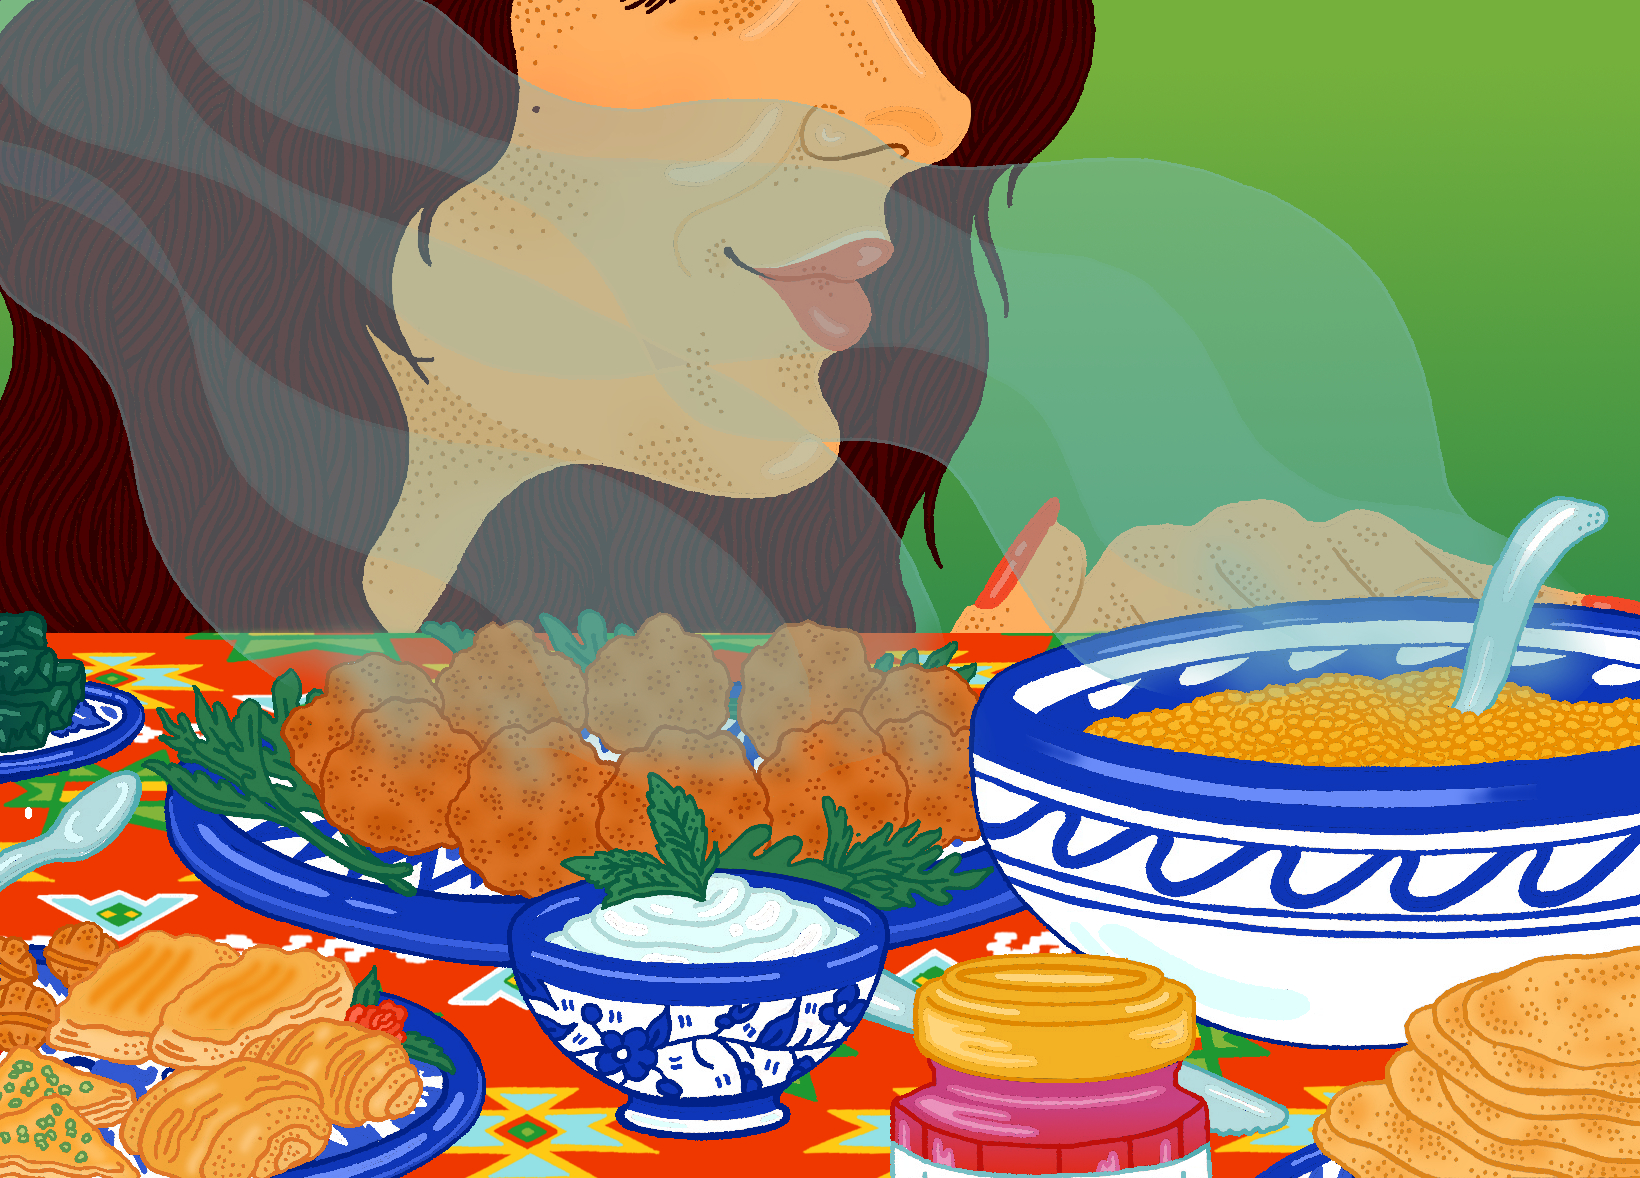 Armenian Smorsgasbord